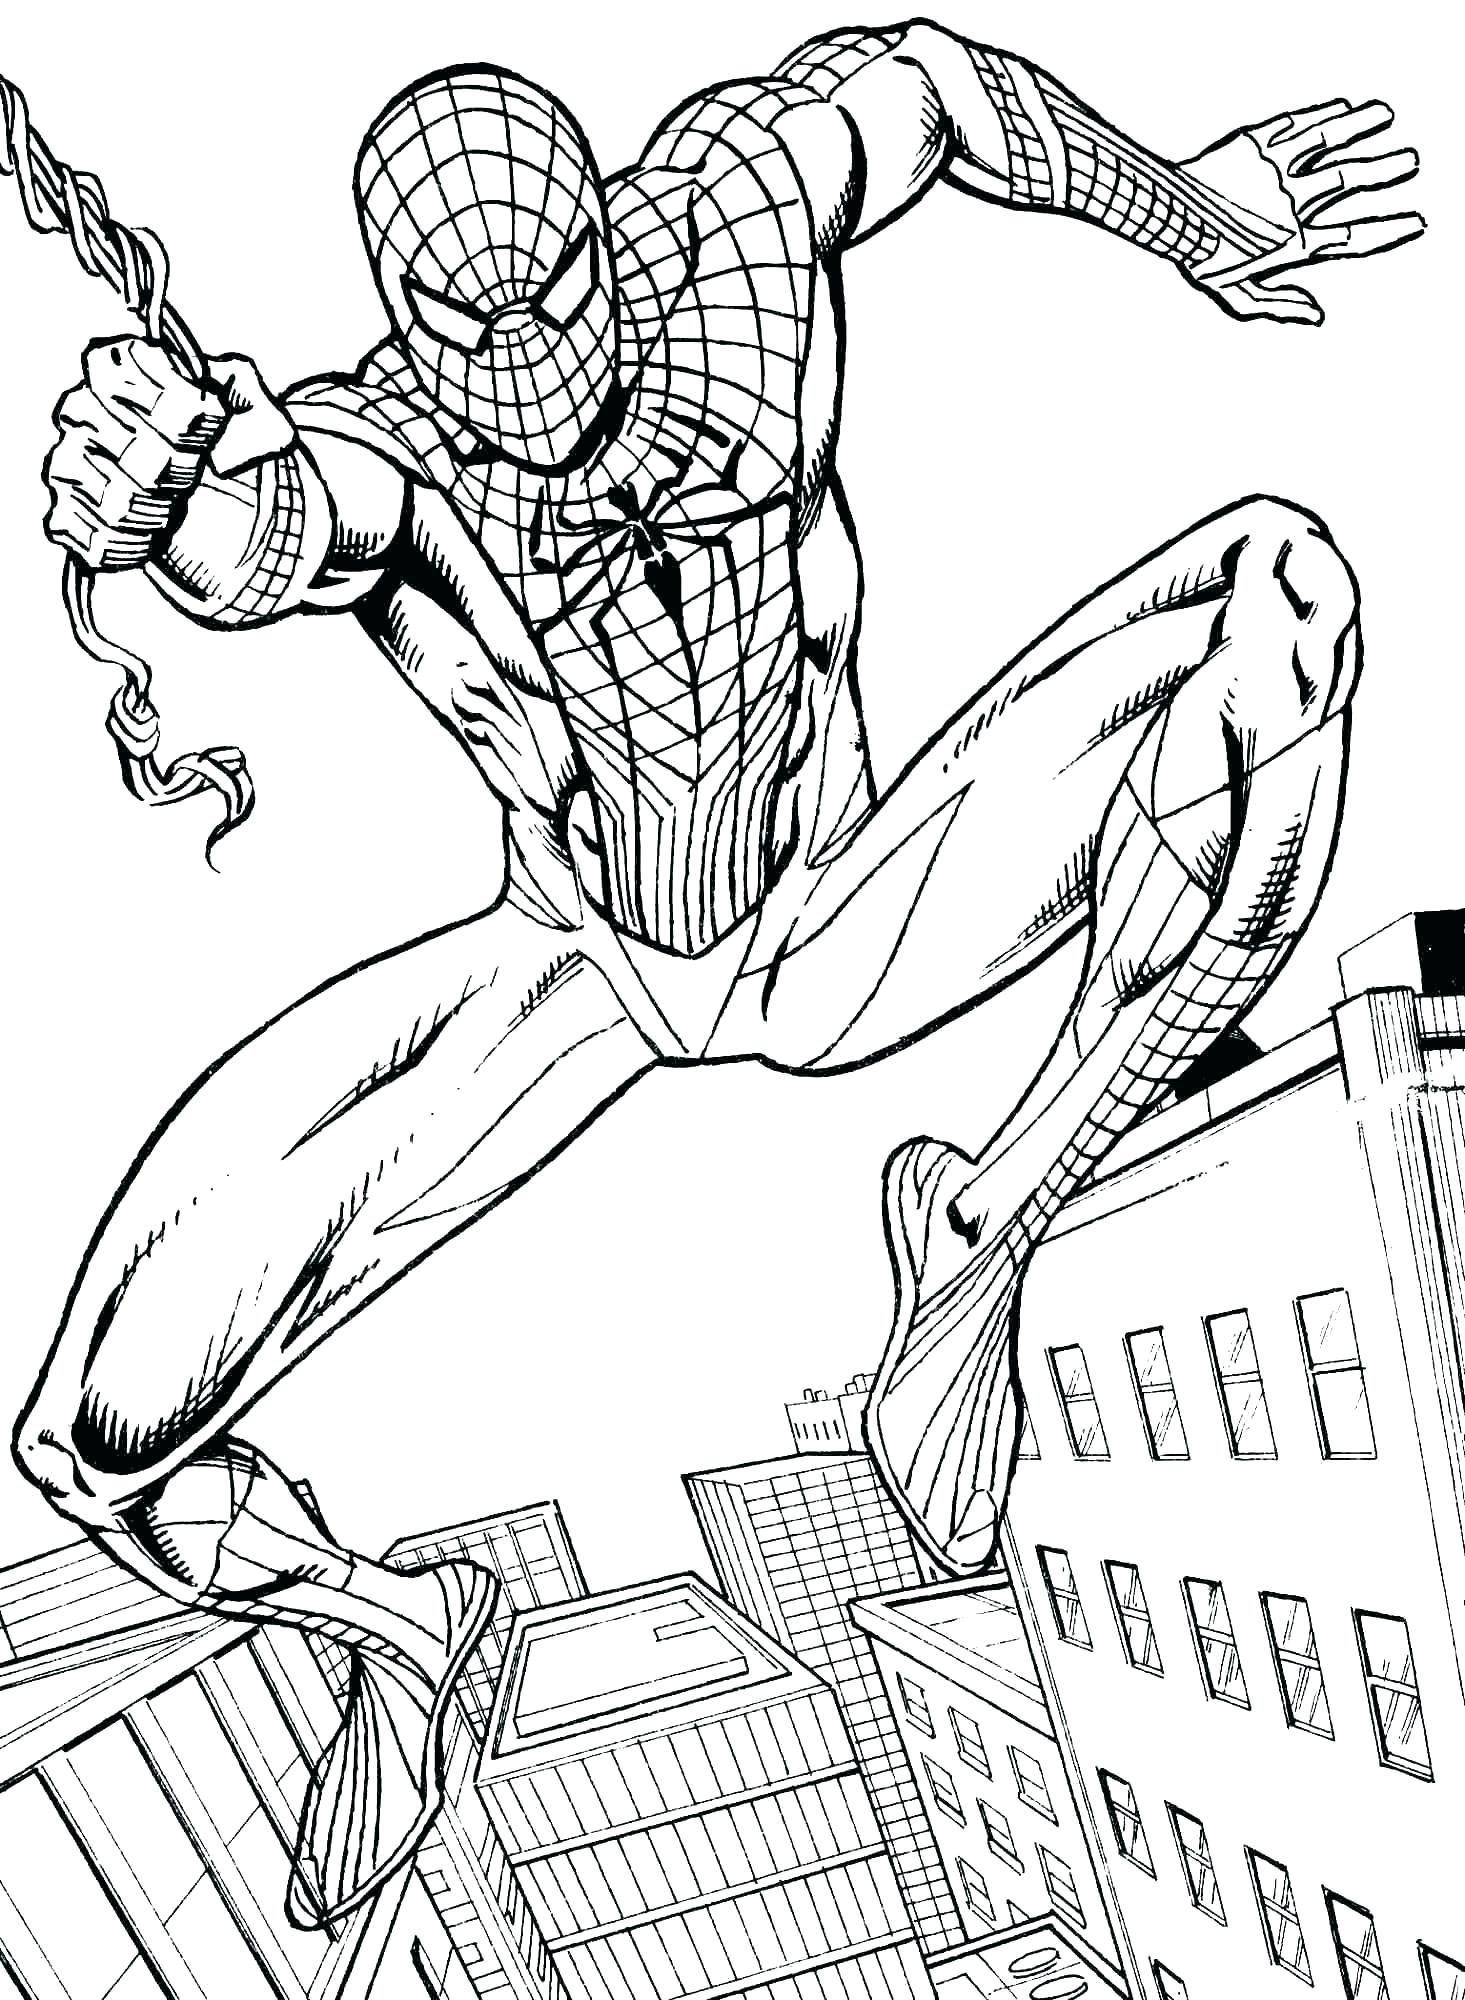 Spiderman Bilder Zum Ausmalen Neu Spiderman Ausmalbilder Kostenlos Große 40 Spiderman Malvorlagen Fotografieren